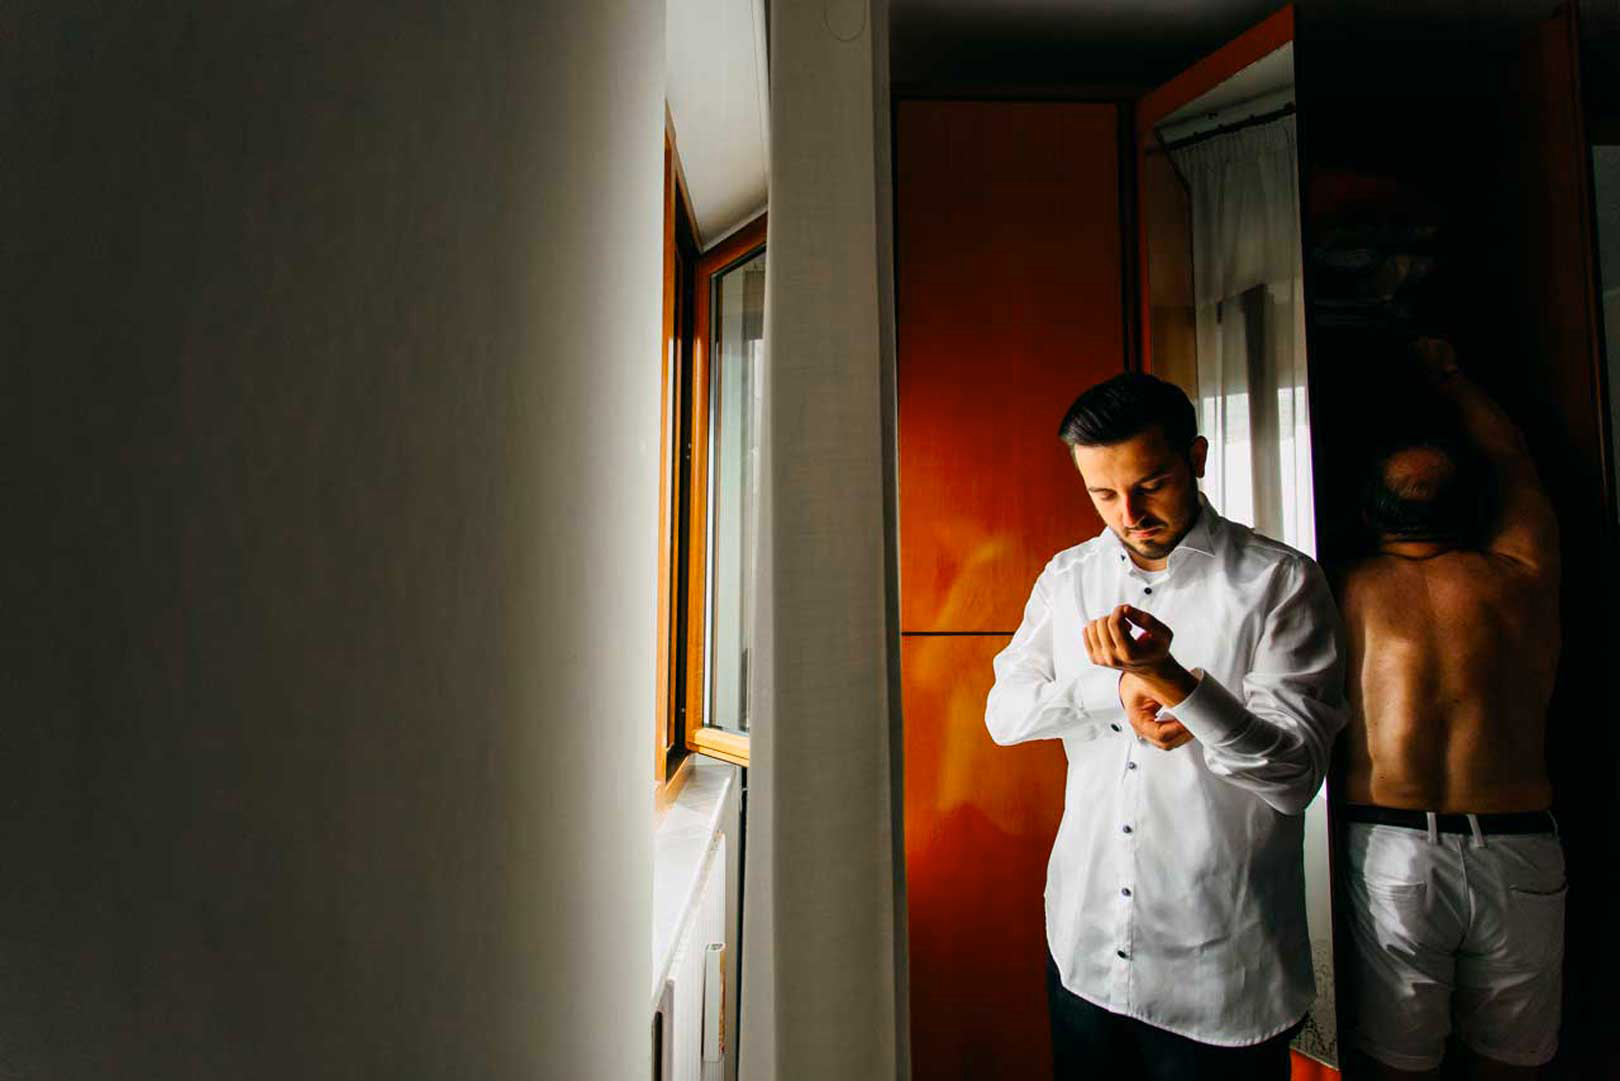 002-preparativi-sposo-gianni-lepore-fotografo-lucera